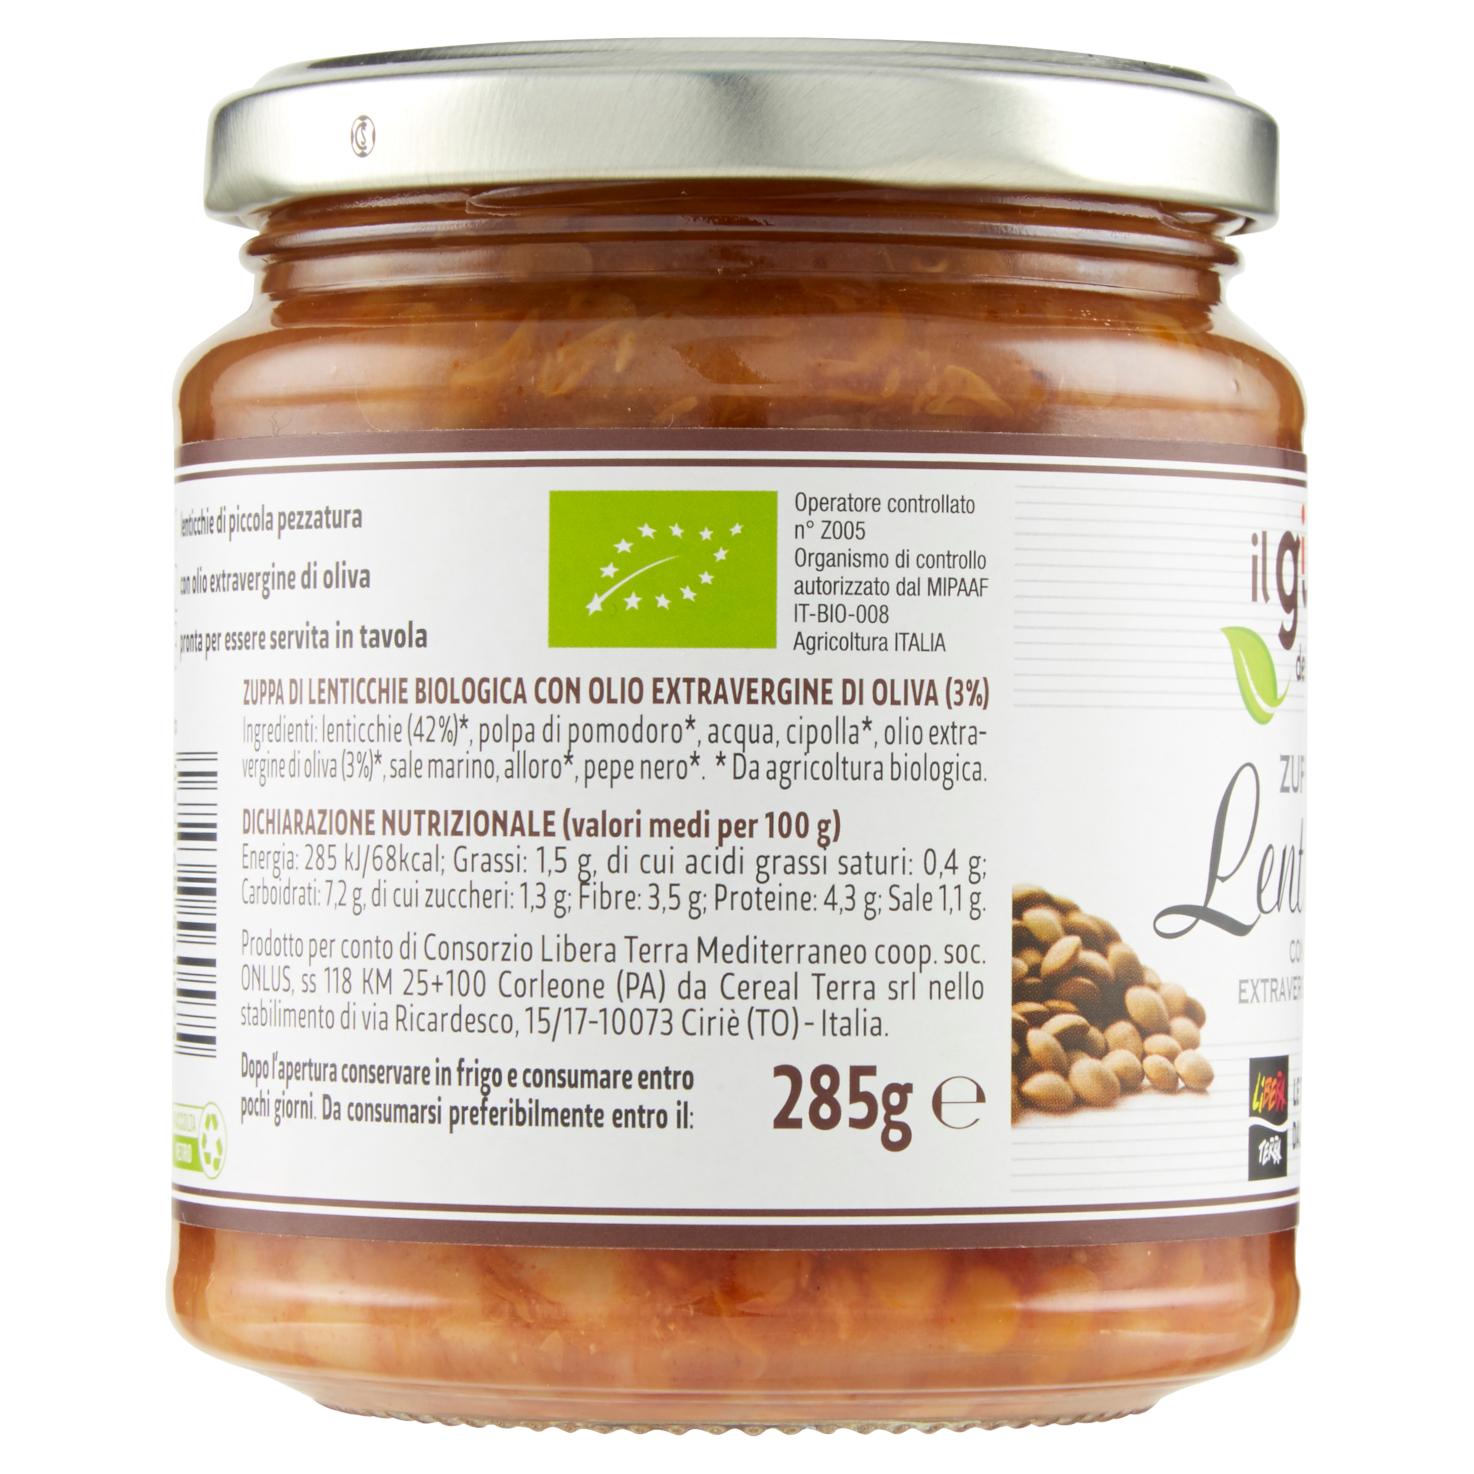 Zuppa di Lenticchie Biologica 285g